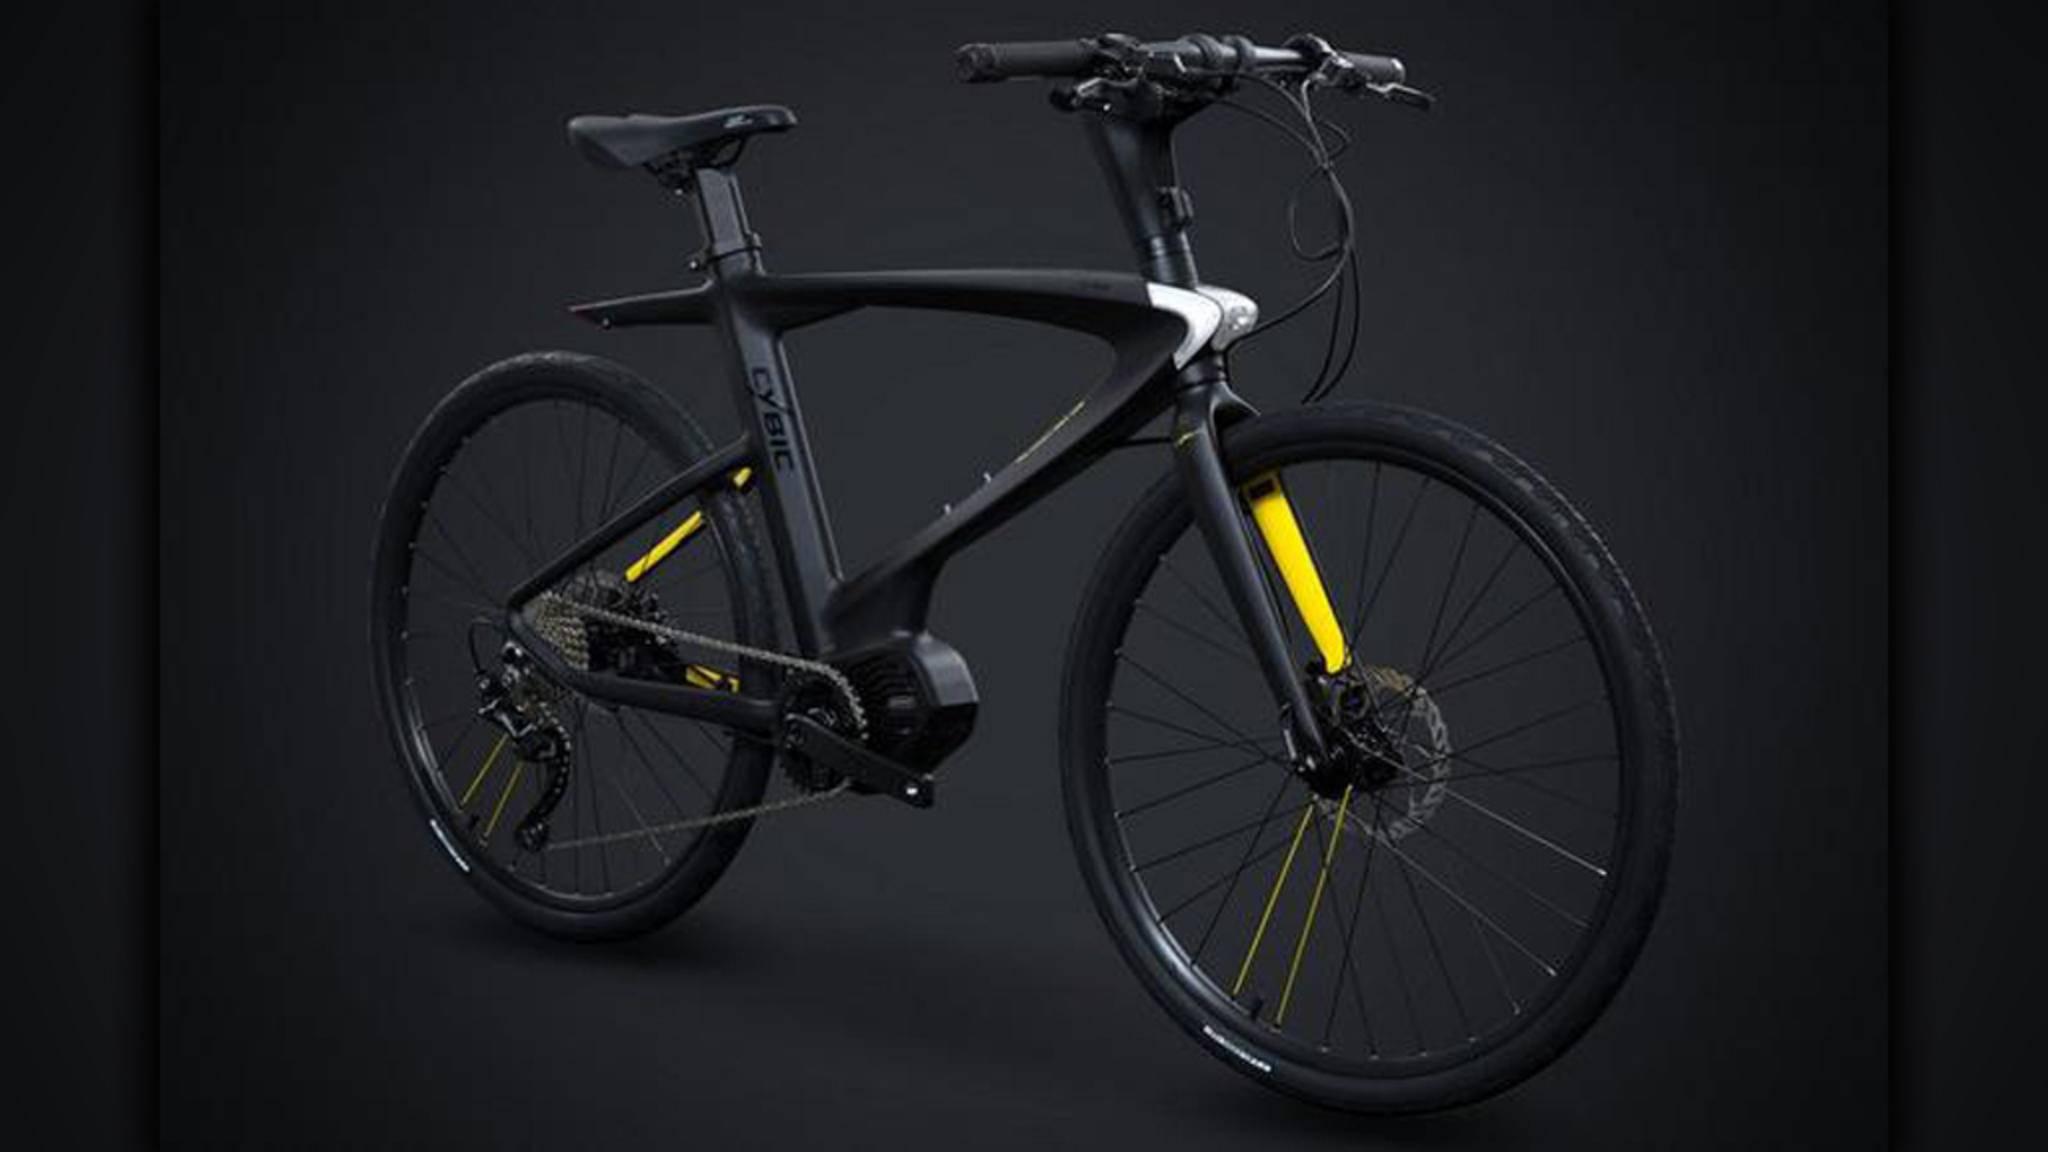 Das Bike von Cybic ist nicht nur ziemlich smart, sondern sieht auch noch gut aus.